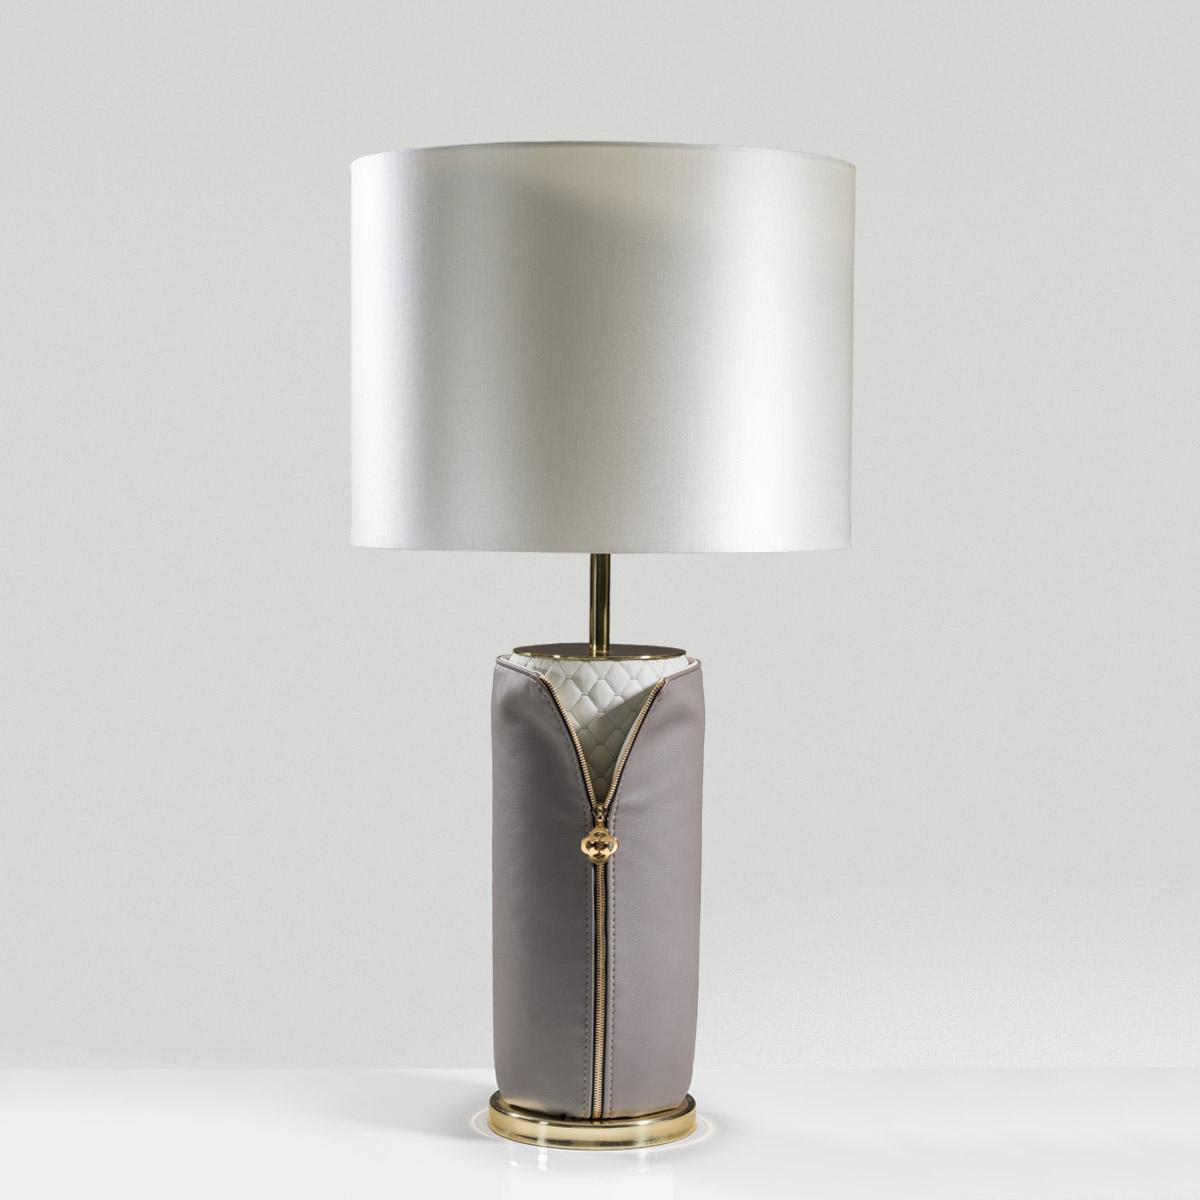 desire Candeeiro Desire colunex desire table lamp 01